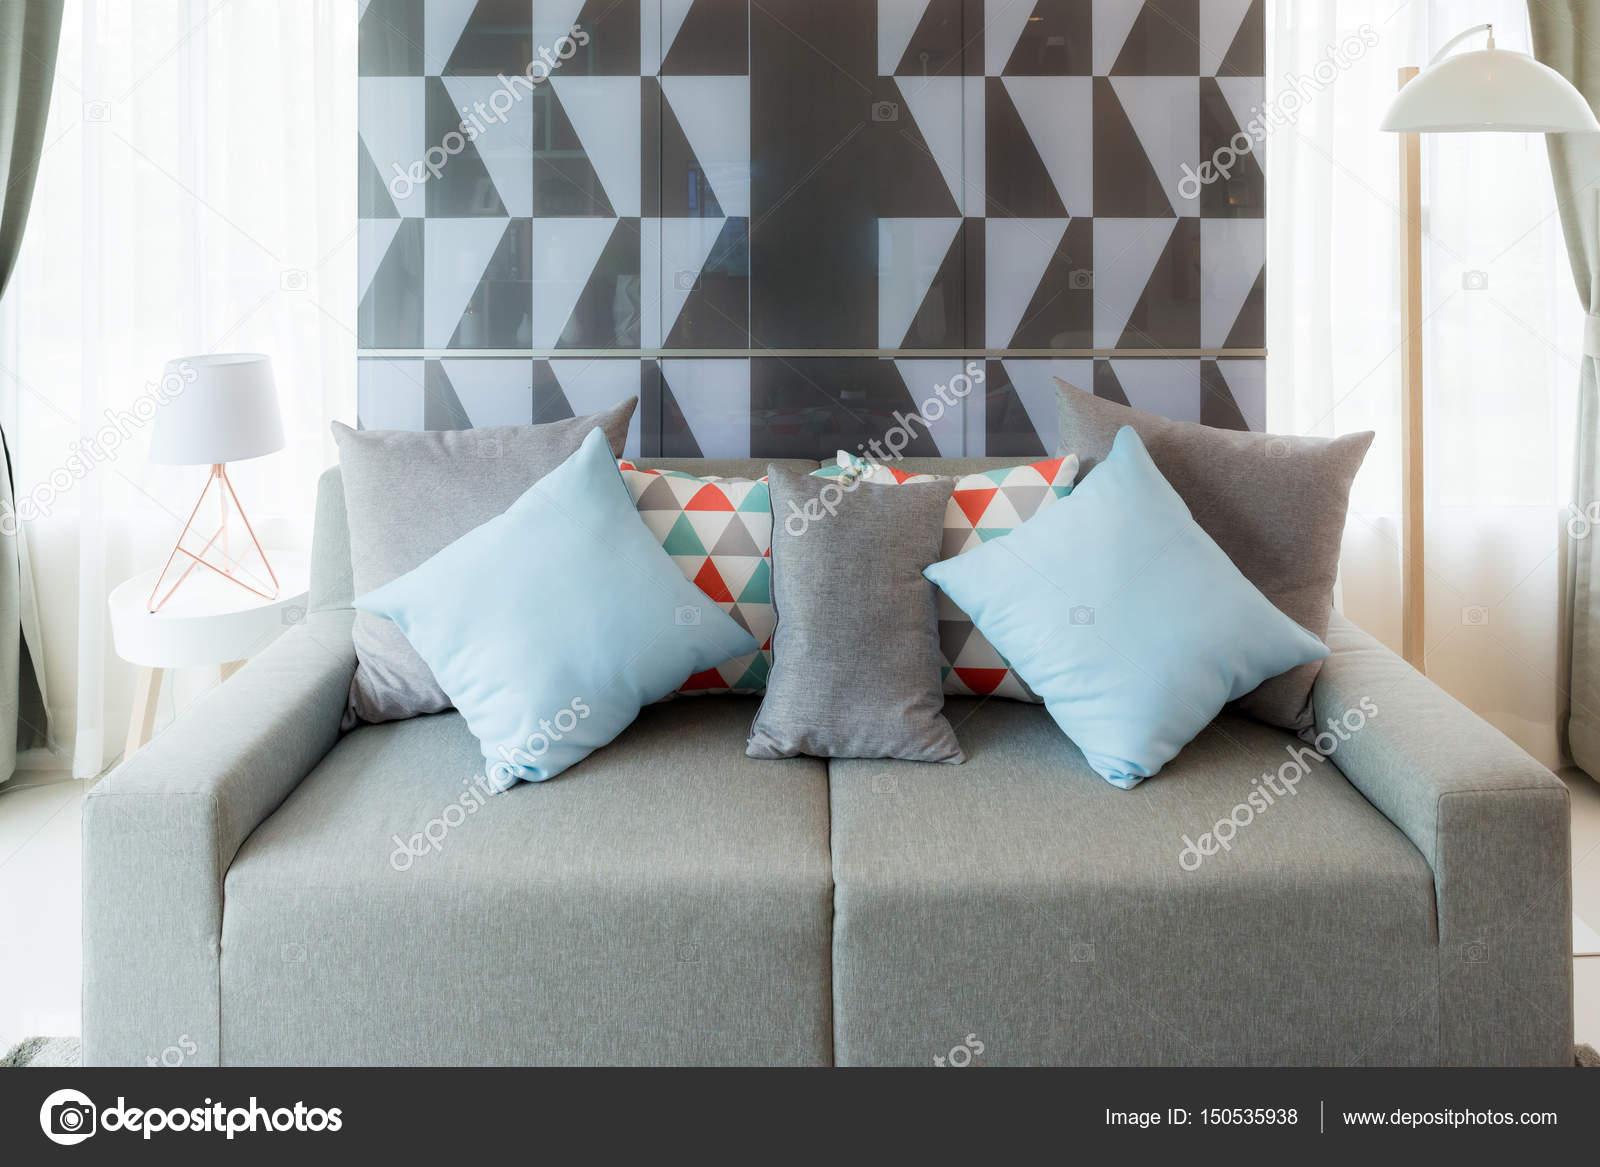 Vintage style möbel wohnzimmer  Klassische Vintage-Stil-Möbel-Satz in einem Wohnzimmer. Innen o ...